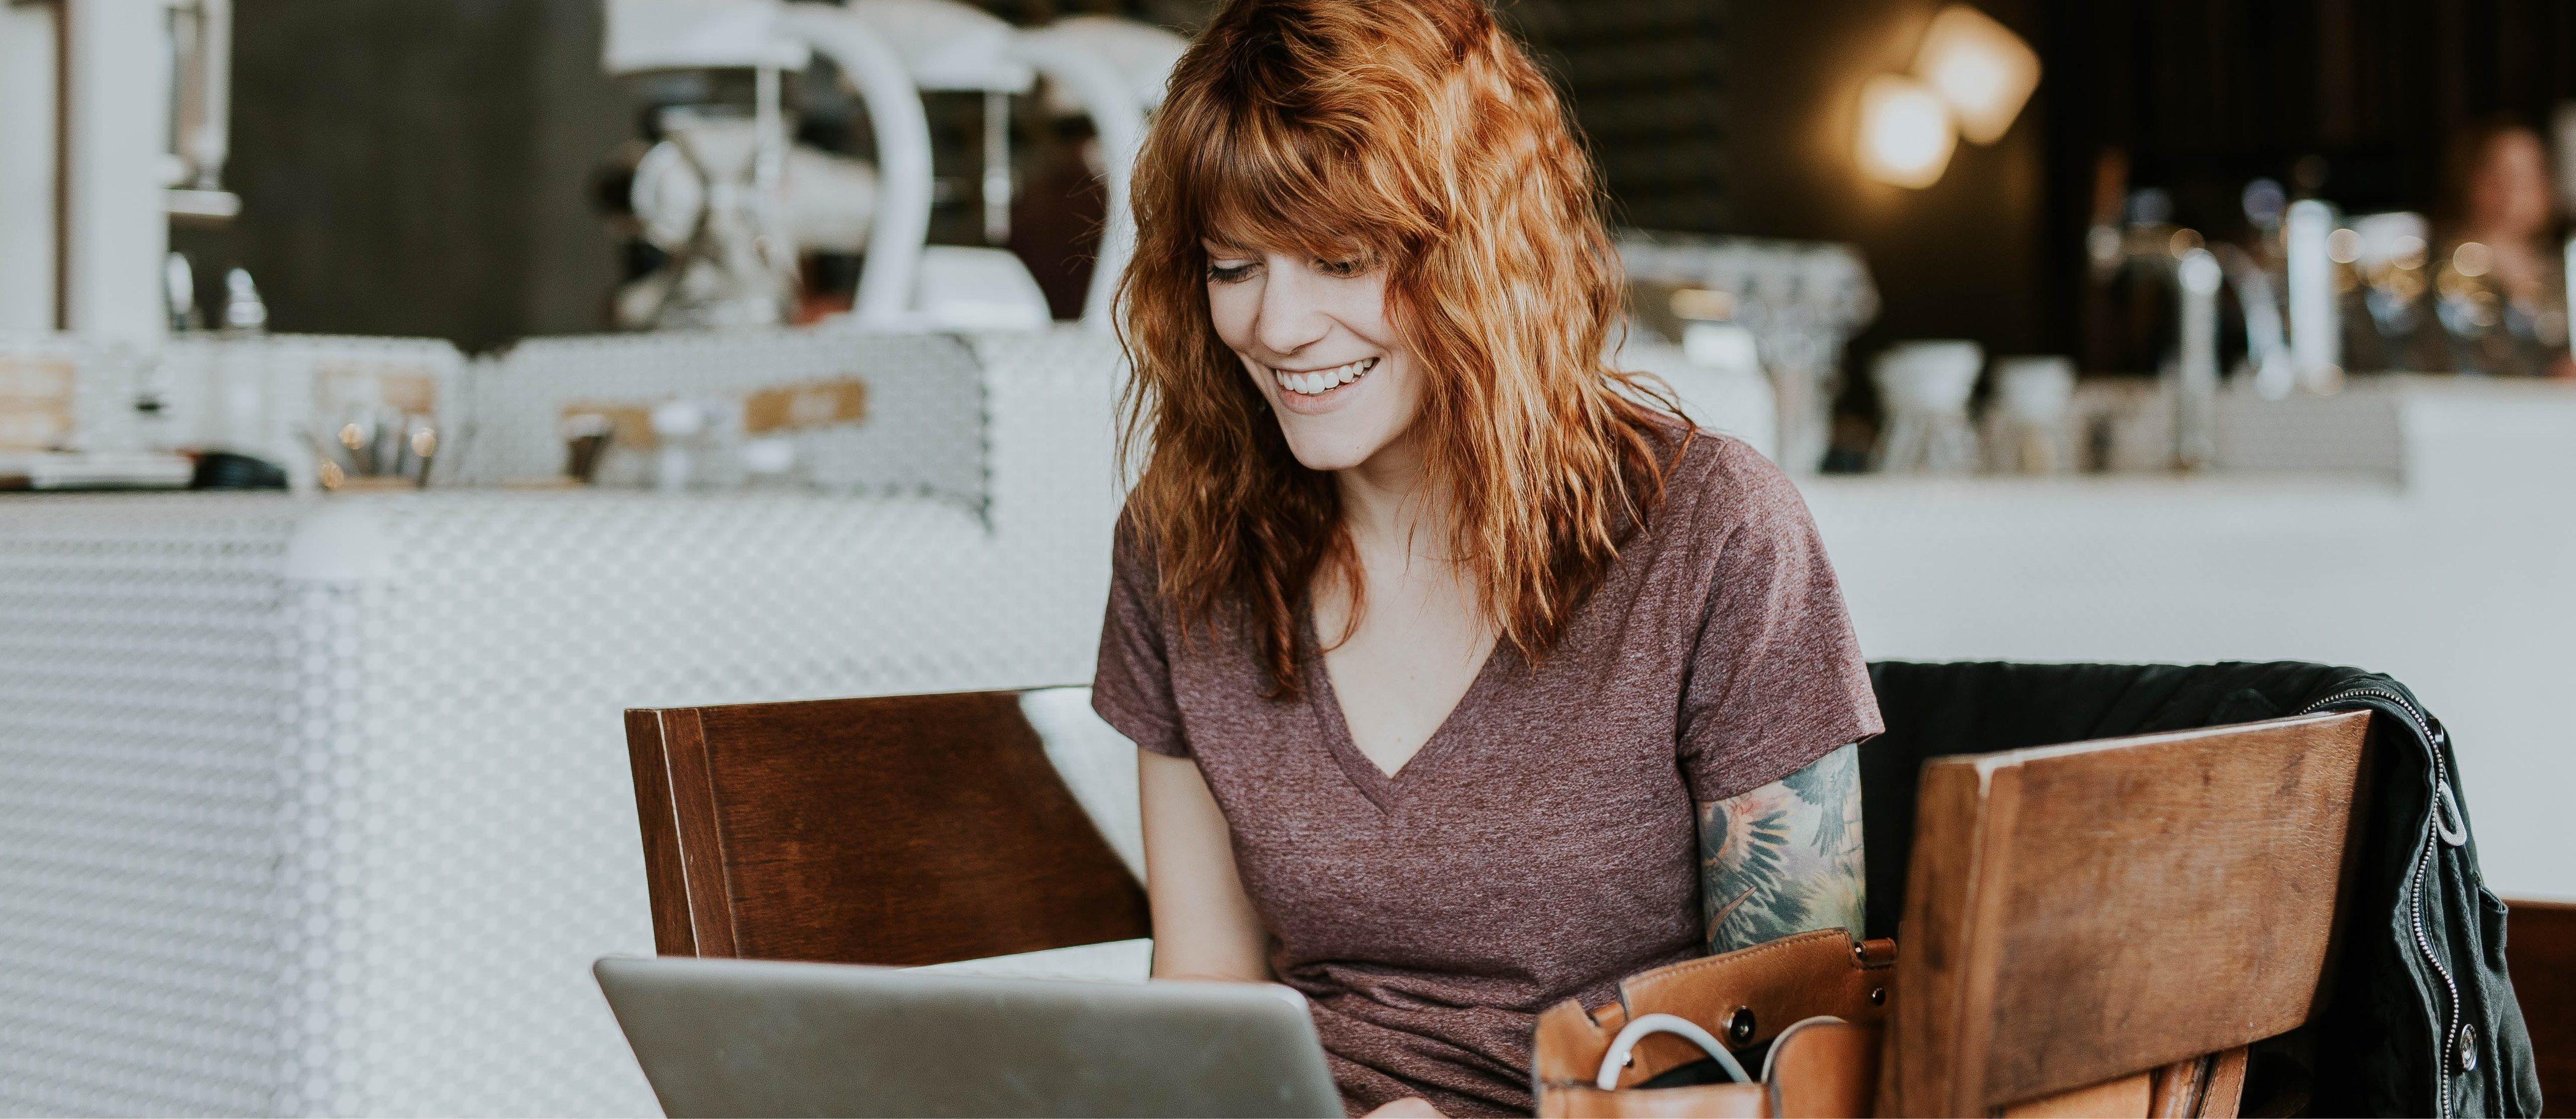 hacker facebook facil online dating